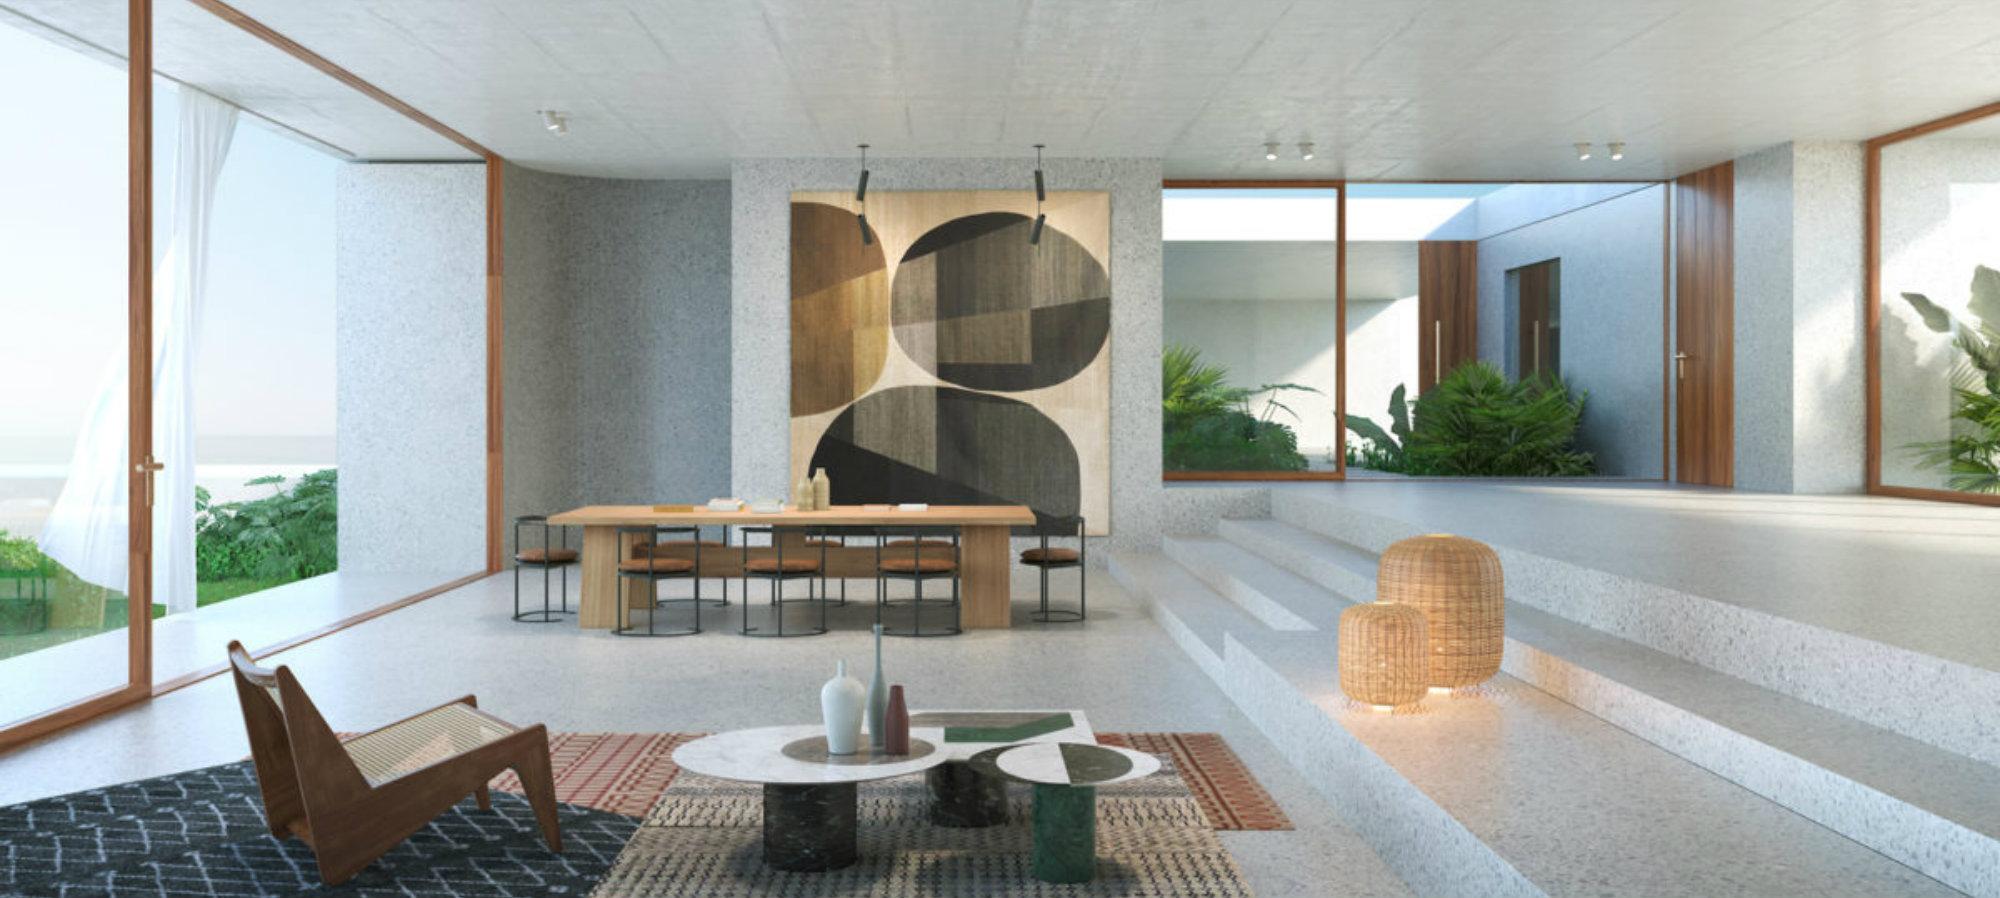 Interiorismo en Barcelona: Mesura crea proyectos lujuosos y elegantes [object object] Interiorismo en Barcelona: Mesura crea proyectos lujuosos y elegantes Featured 9